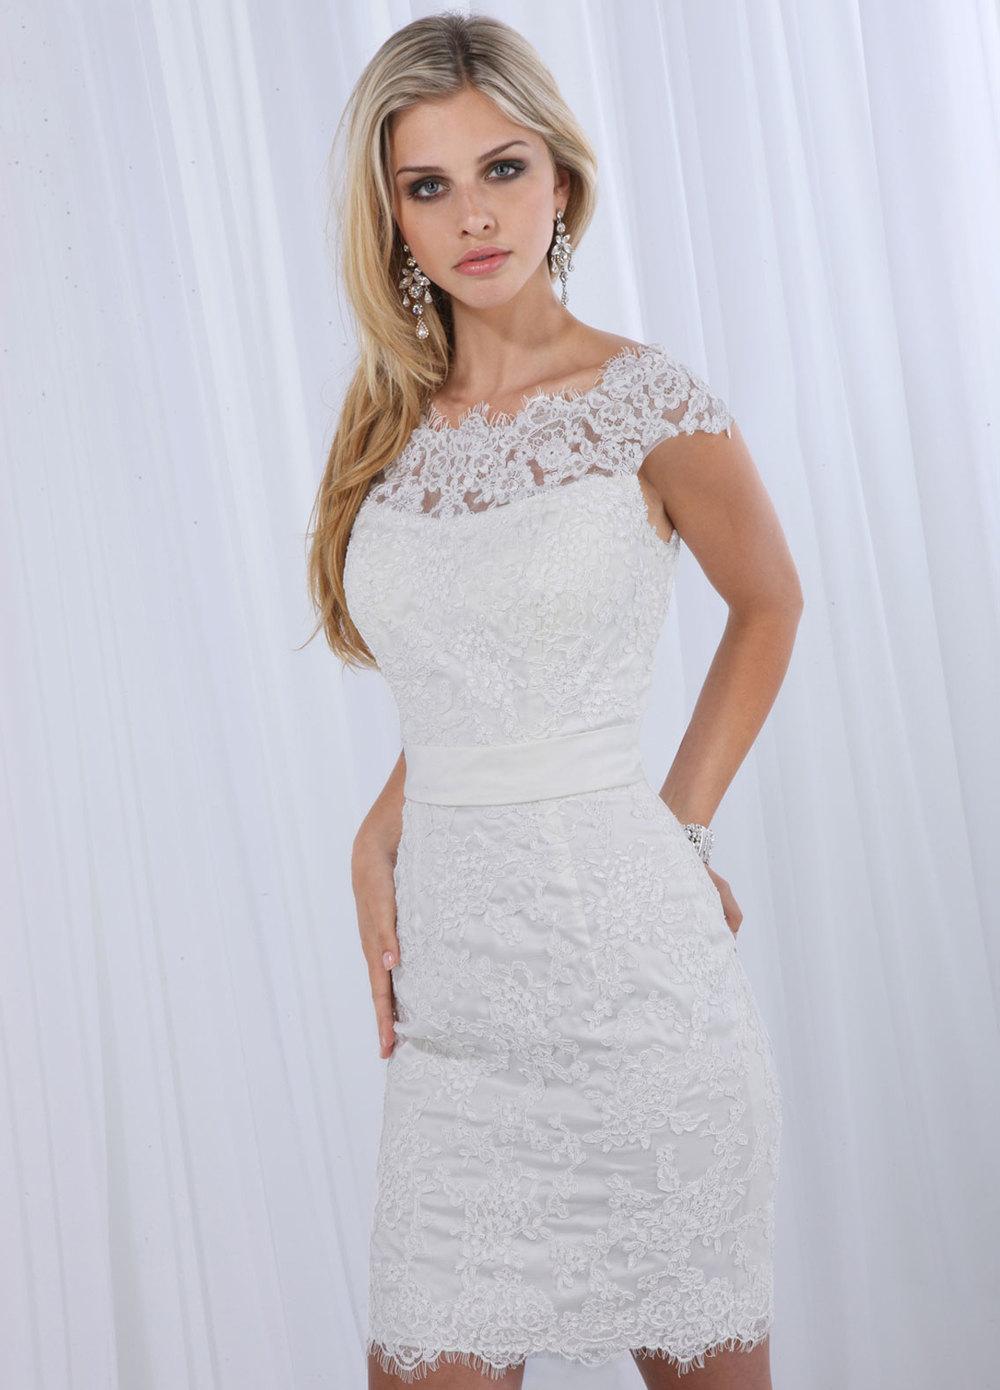 Фото невест в возрасте 16 фотография